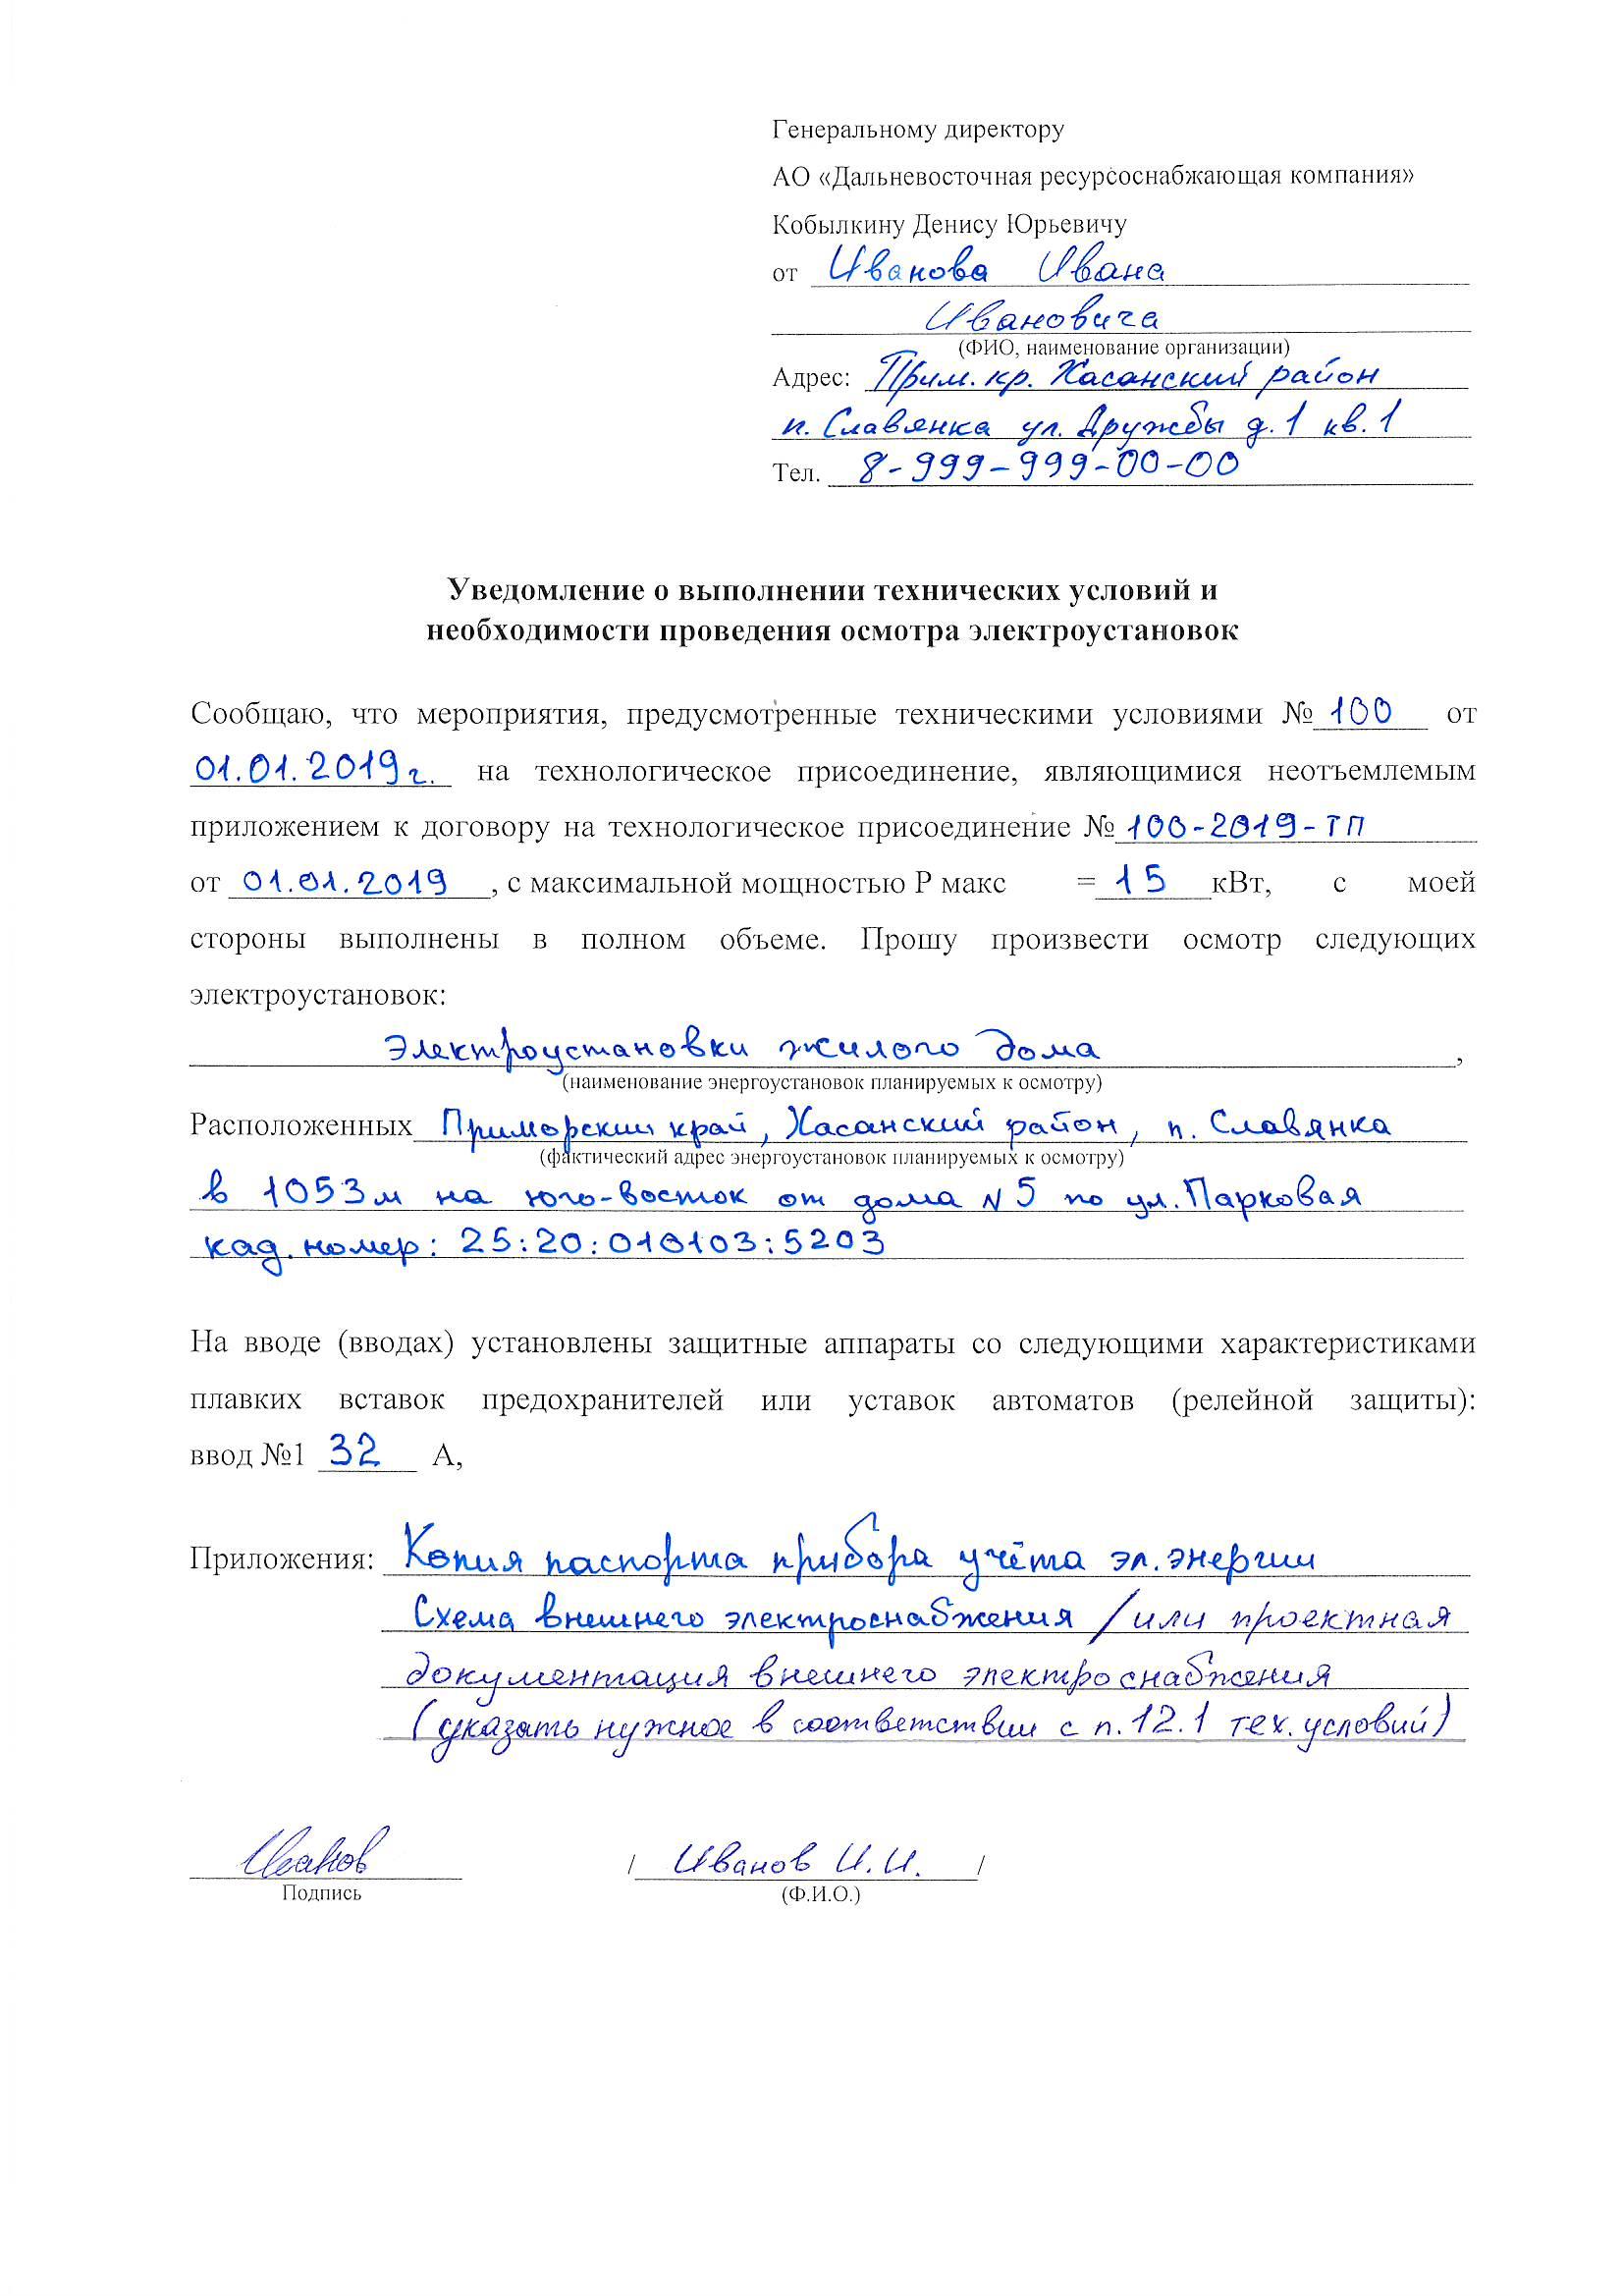 Заявка на технологическое присоединение к электрическим сетям